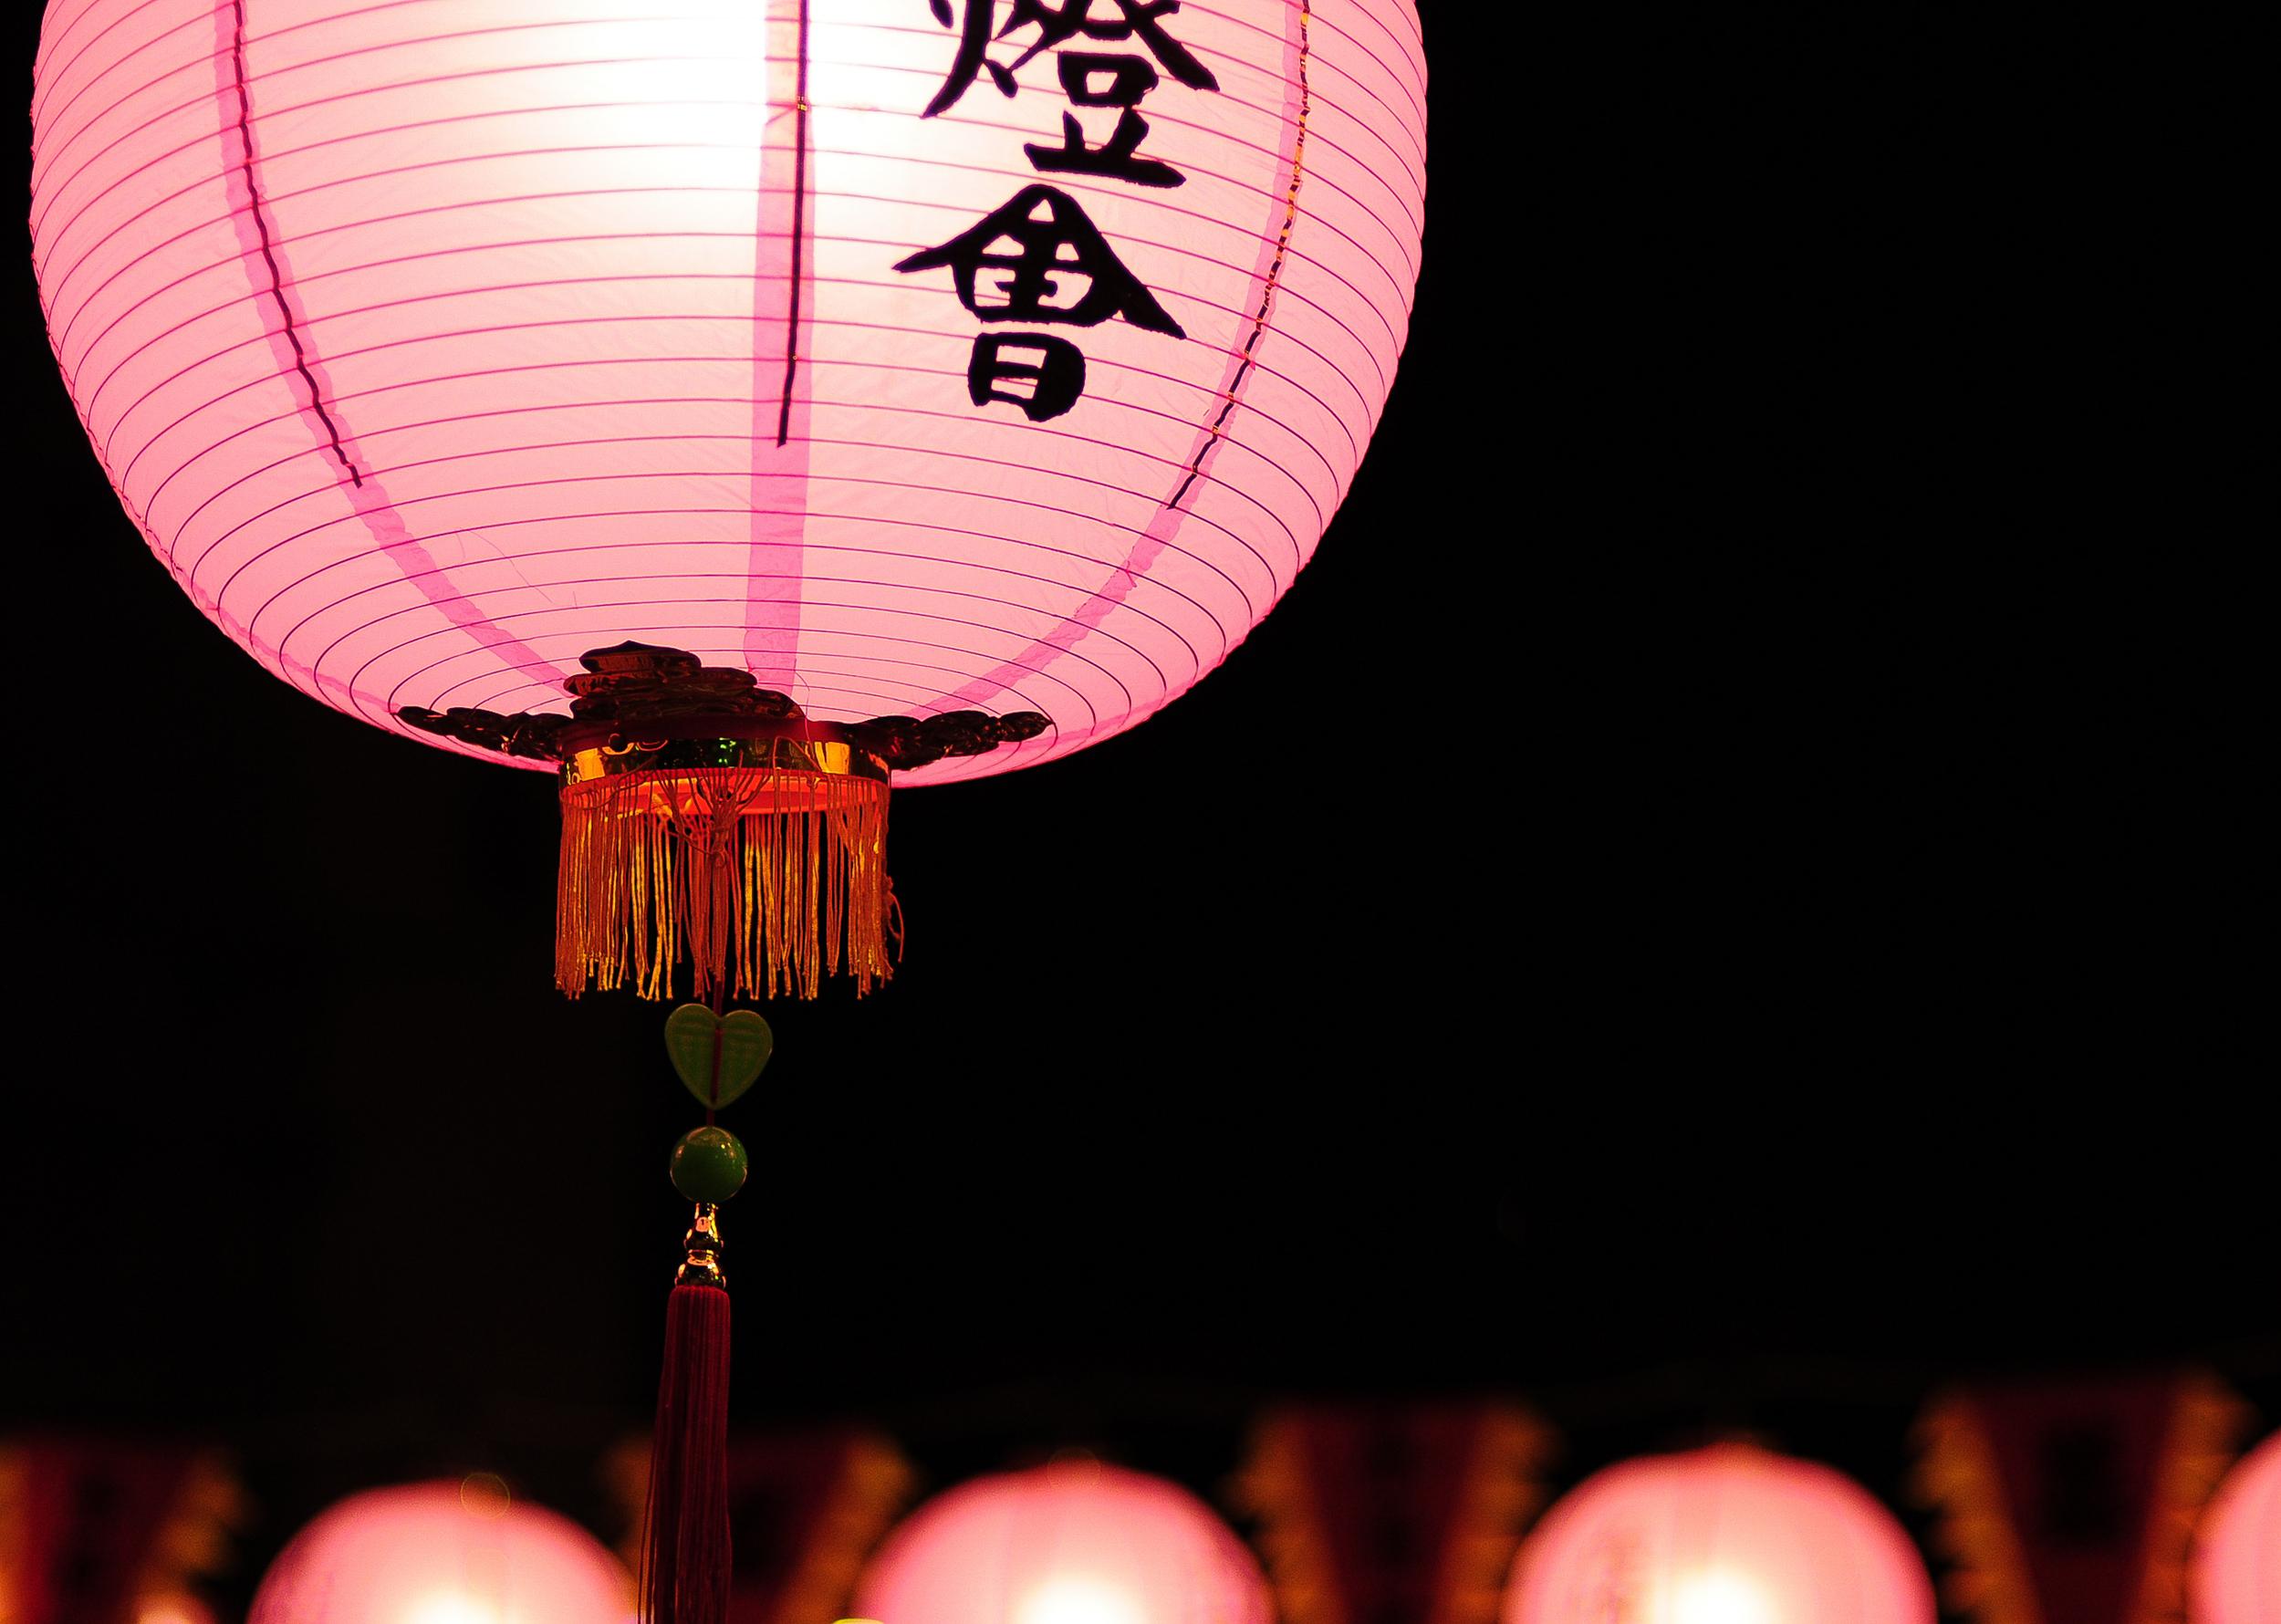 nagasaki-lanterns.jpg